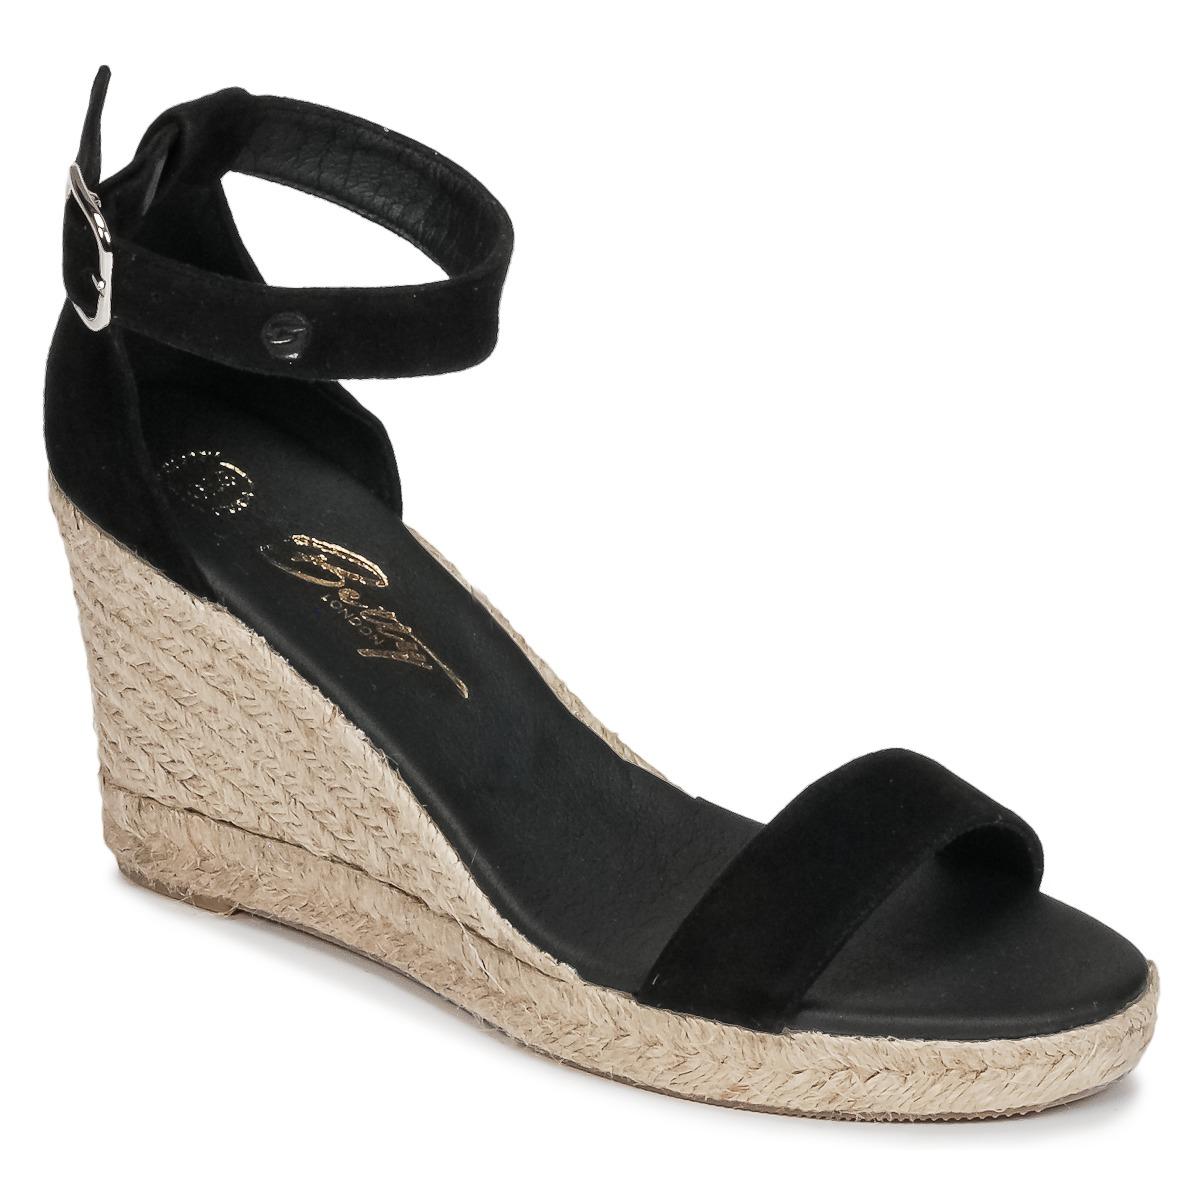 Betty London INDALI Schwarz - Kostenloser Versand bei Spartoode ! - Schuhe Sandalen / Sandaletten Damen 54,39 €